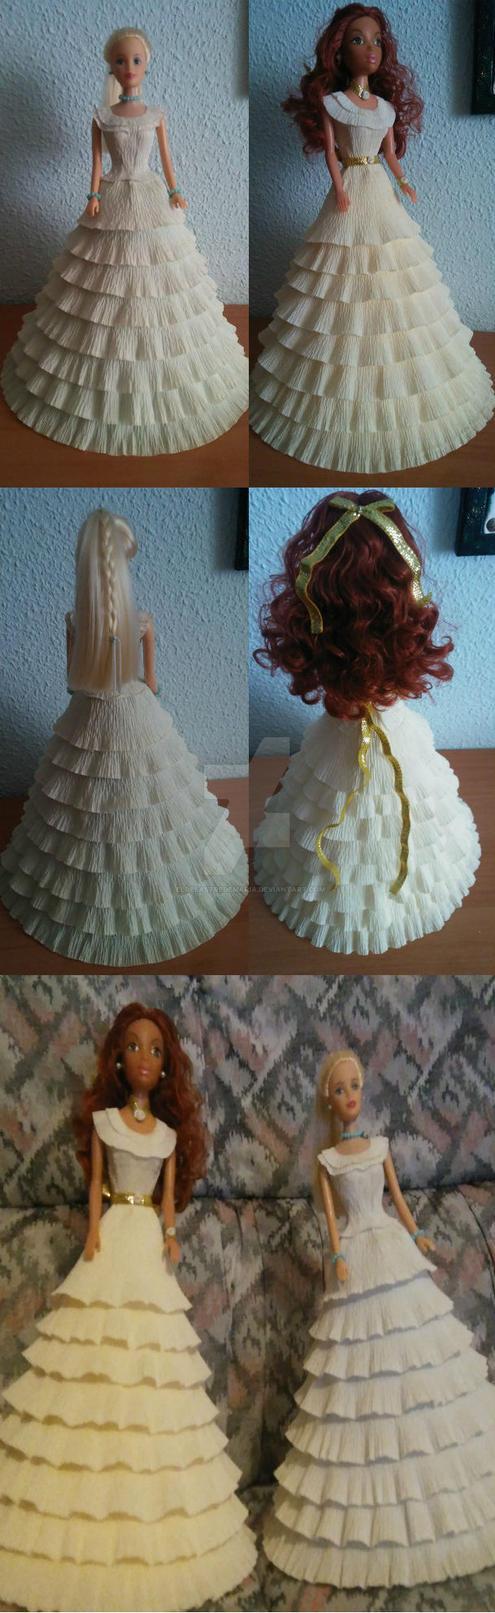 Barbie vestido de papel by eldesastredemaria